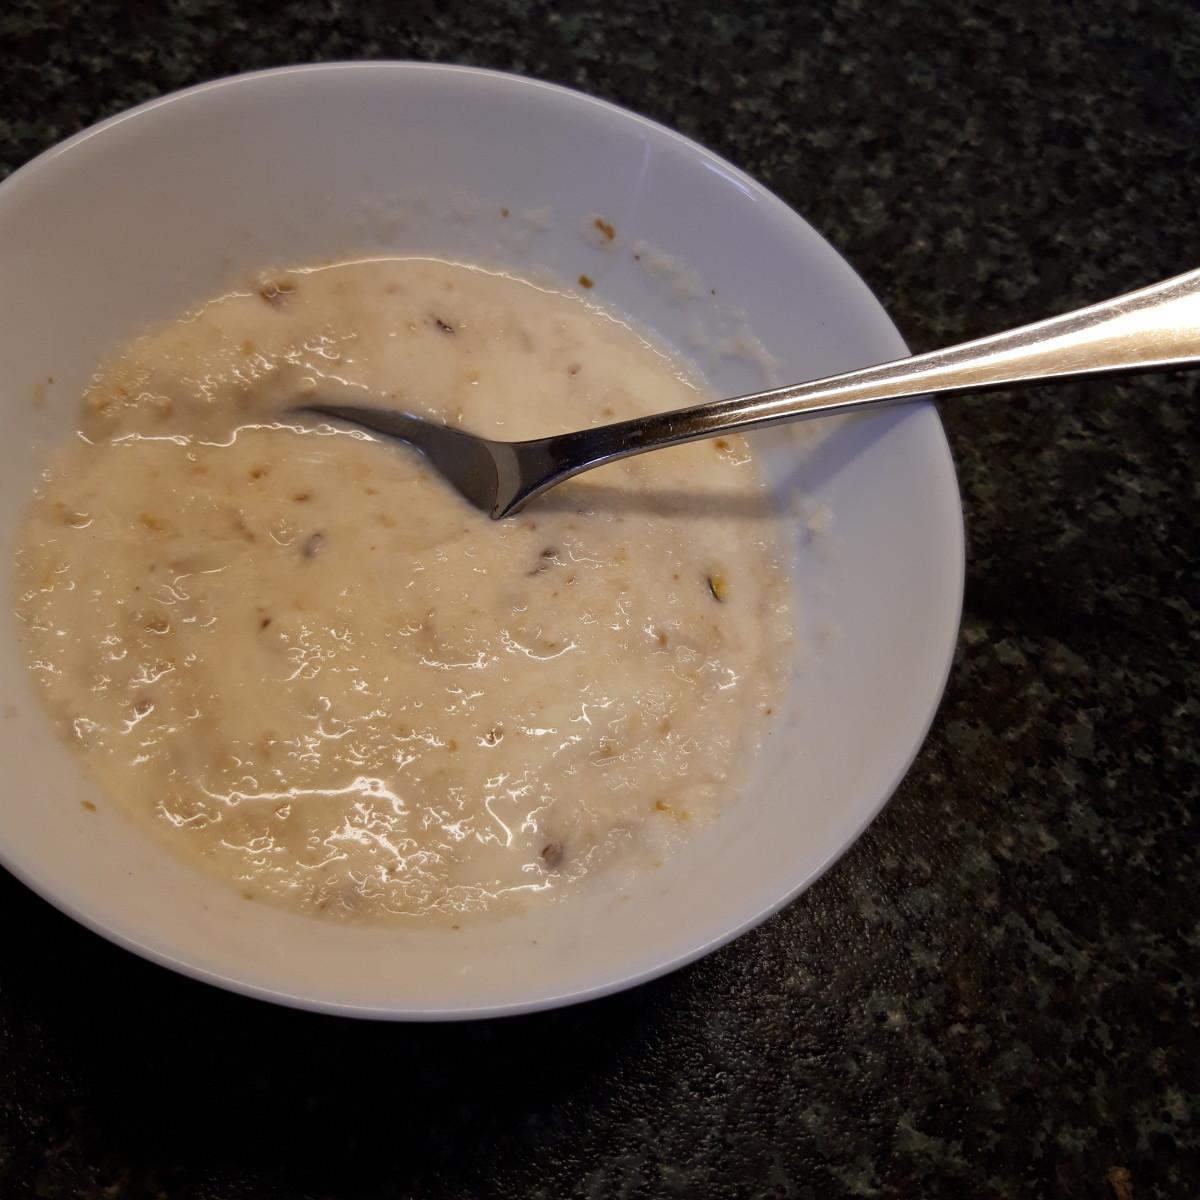 Kaszka with warmed milk